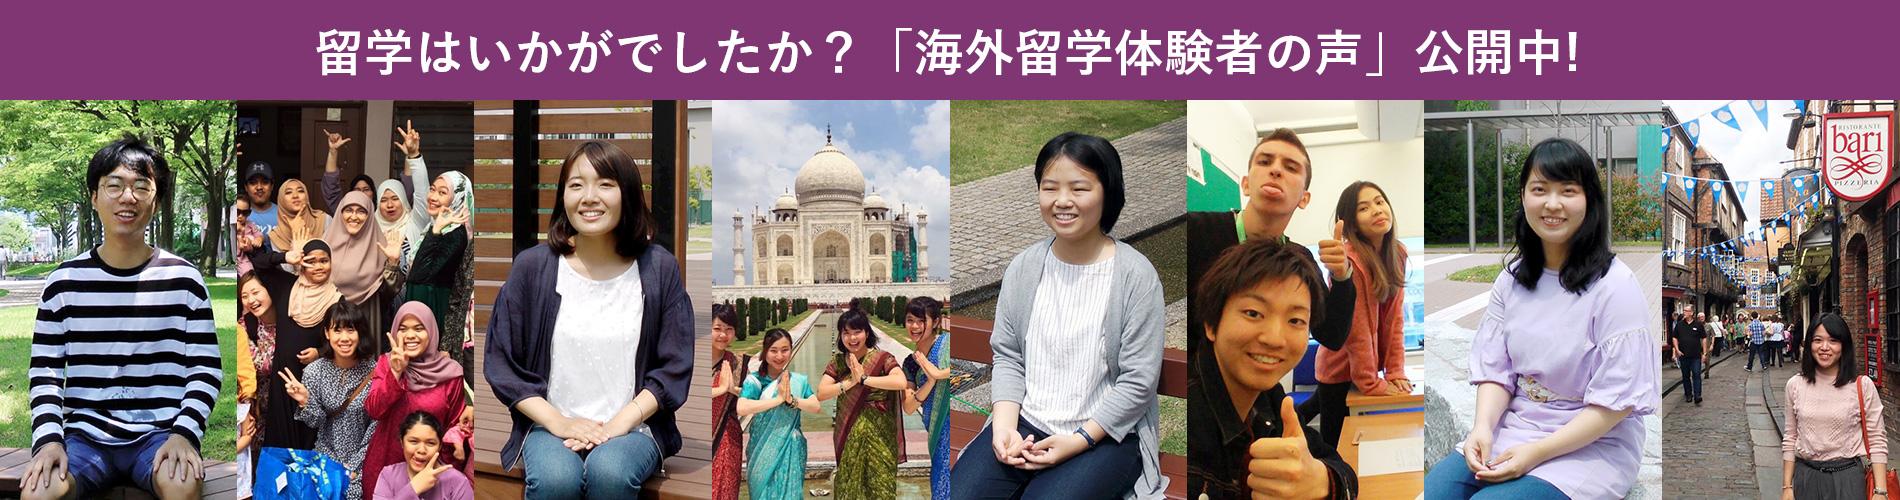 留学はいかがでしたか?「海外留学体験者の声」公開中!